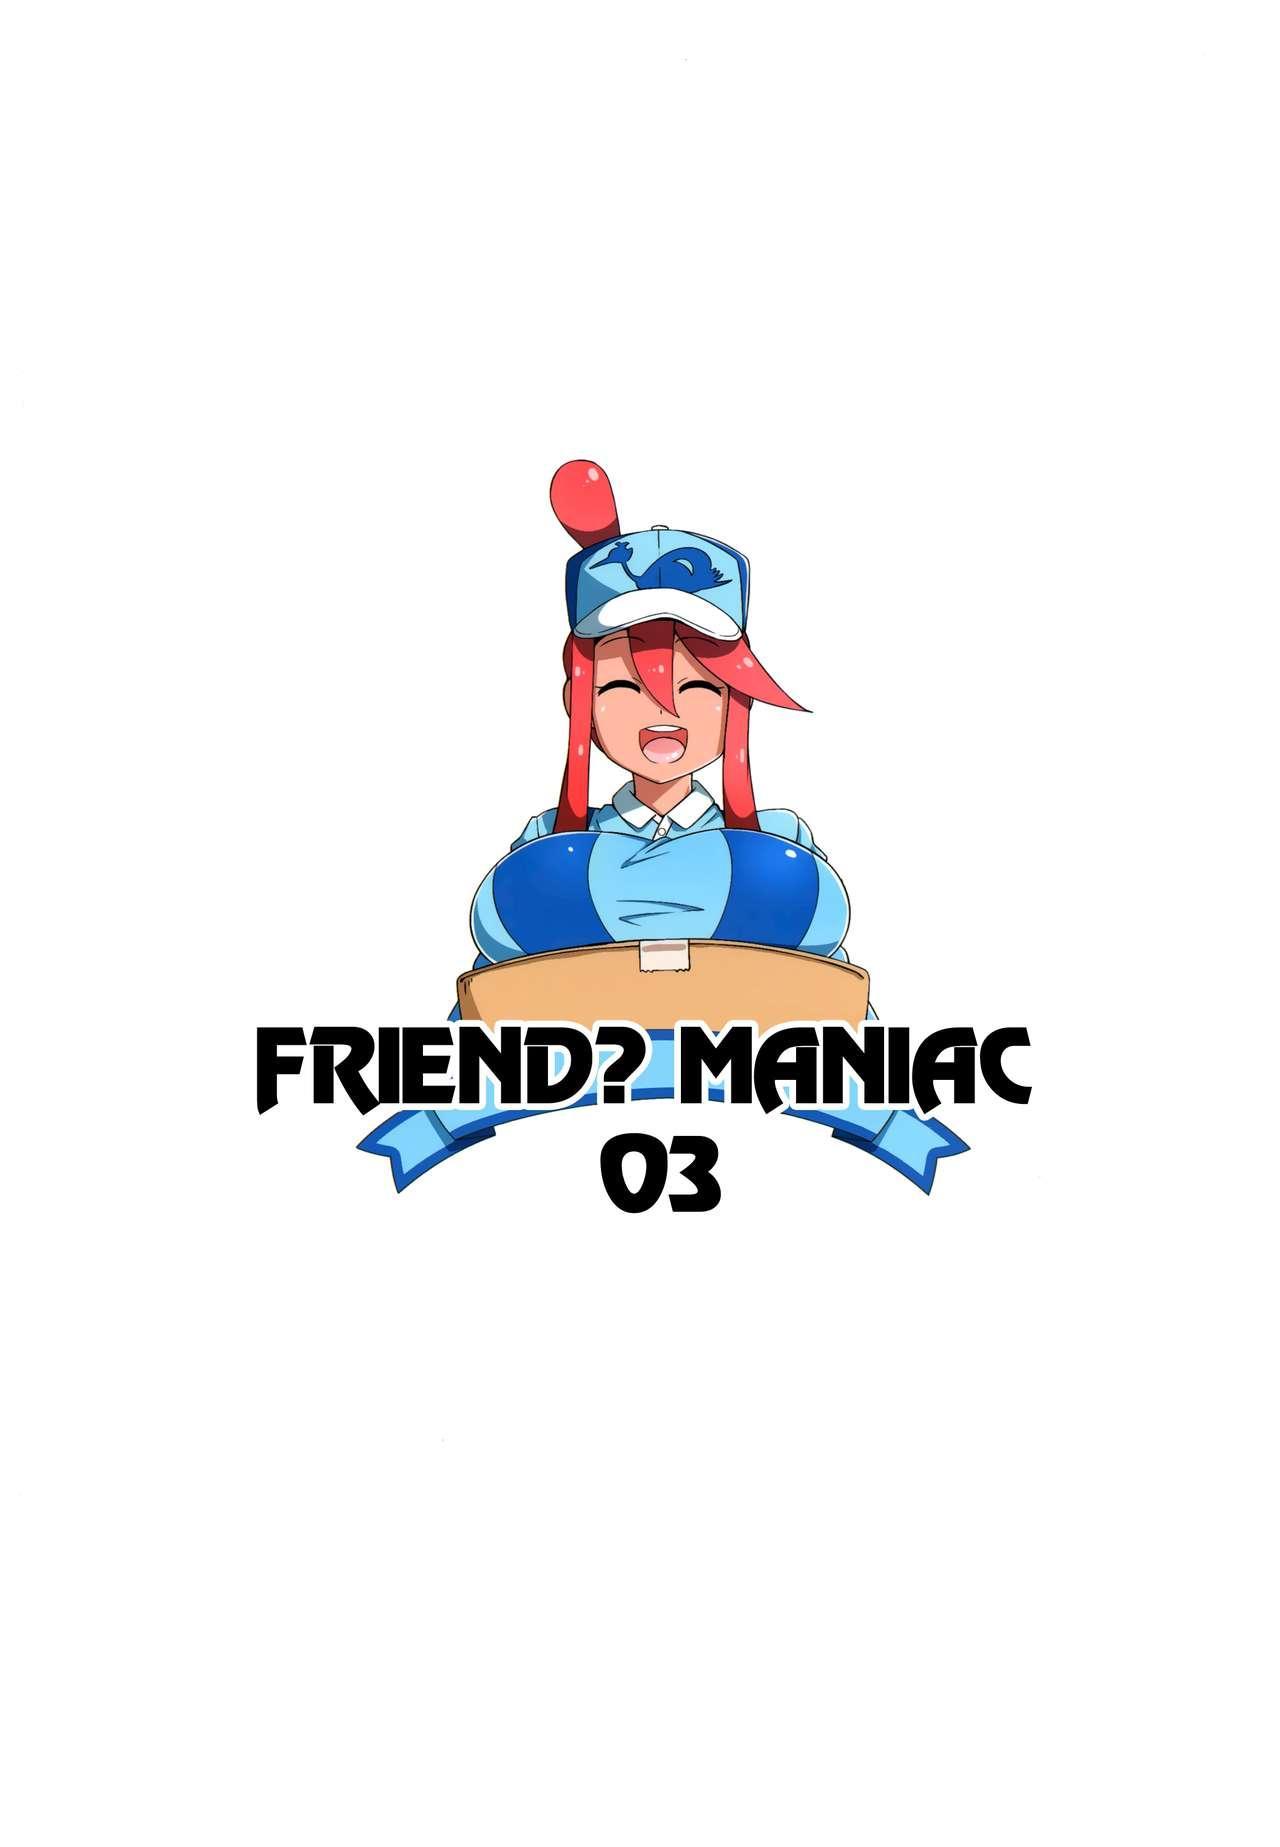 Tomodachi? Maniac 03 24